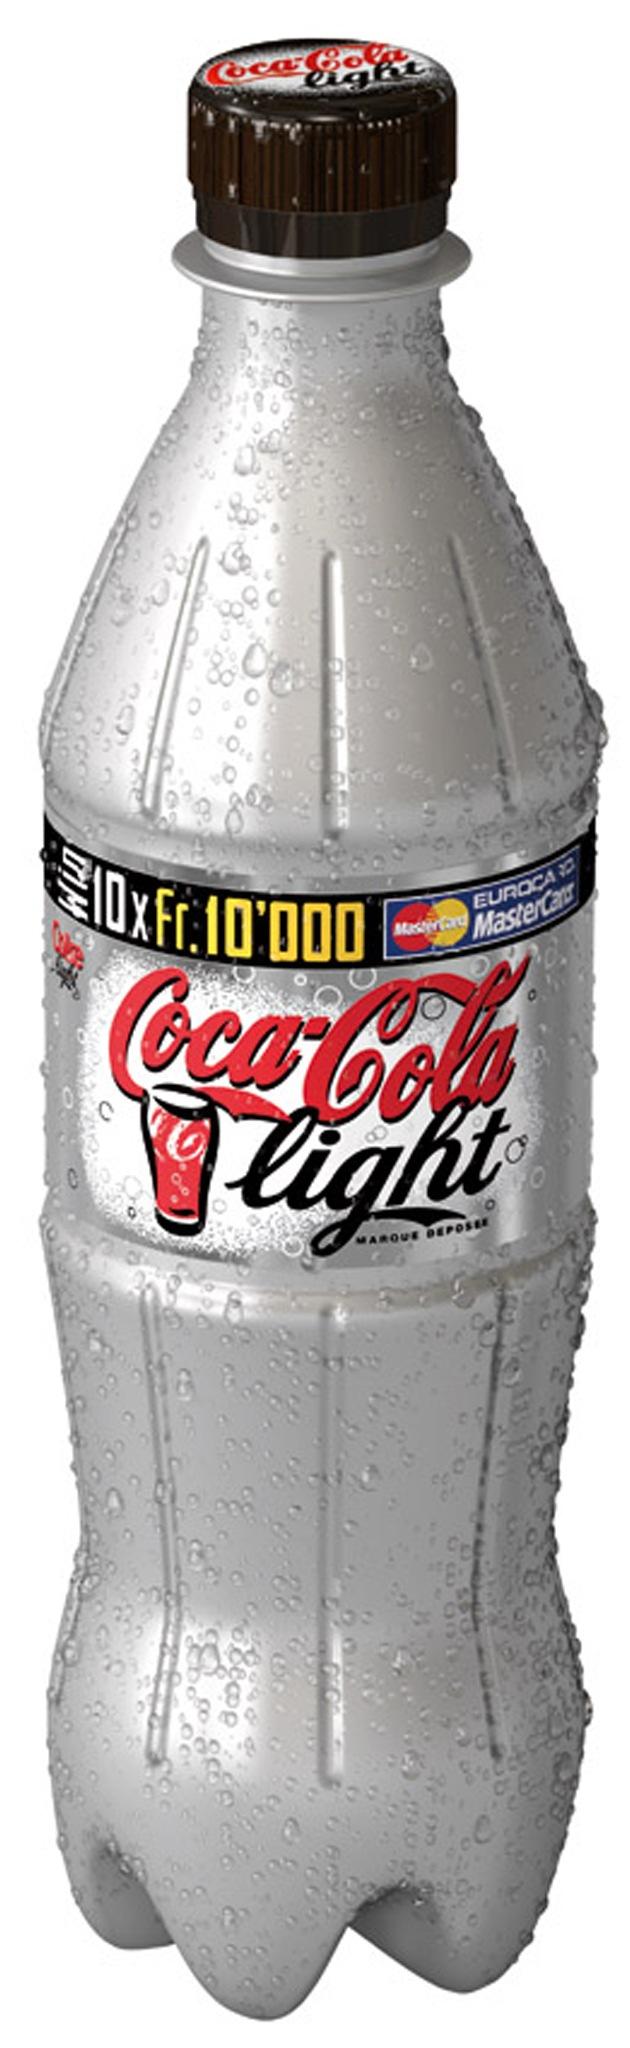 Coca-Cola light im silbernen Kleid: Startschuss zur Coca-Cola light Silver Bottle Promotion